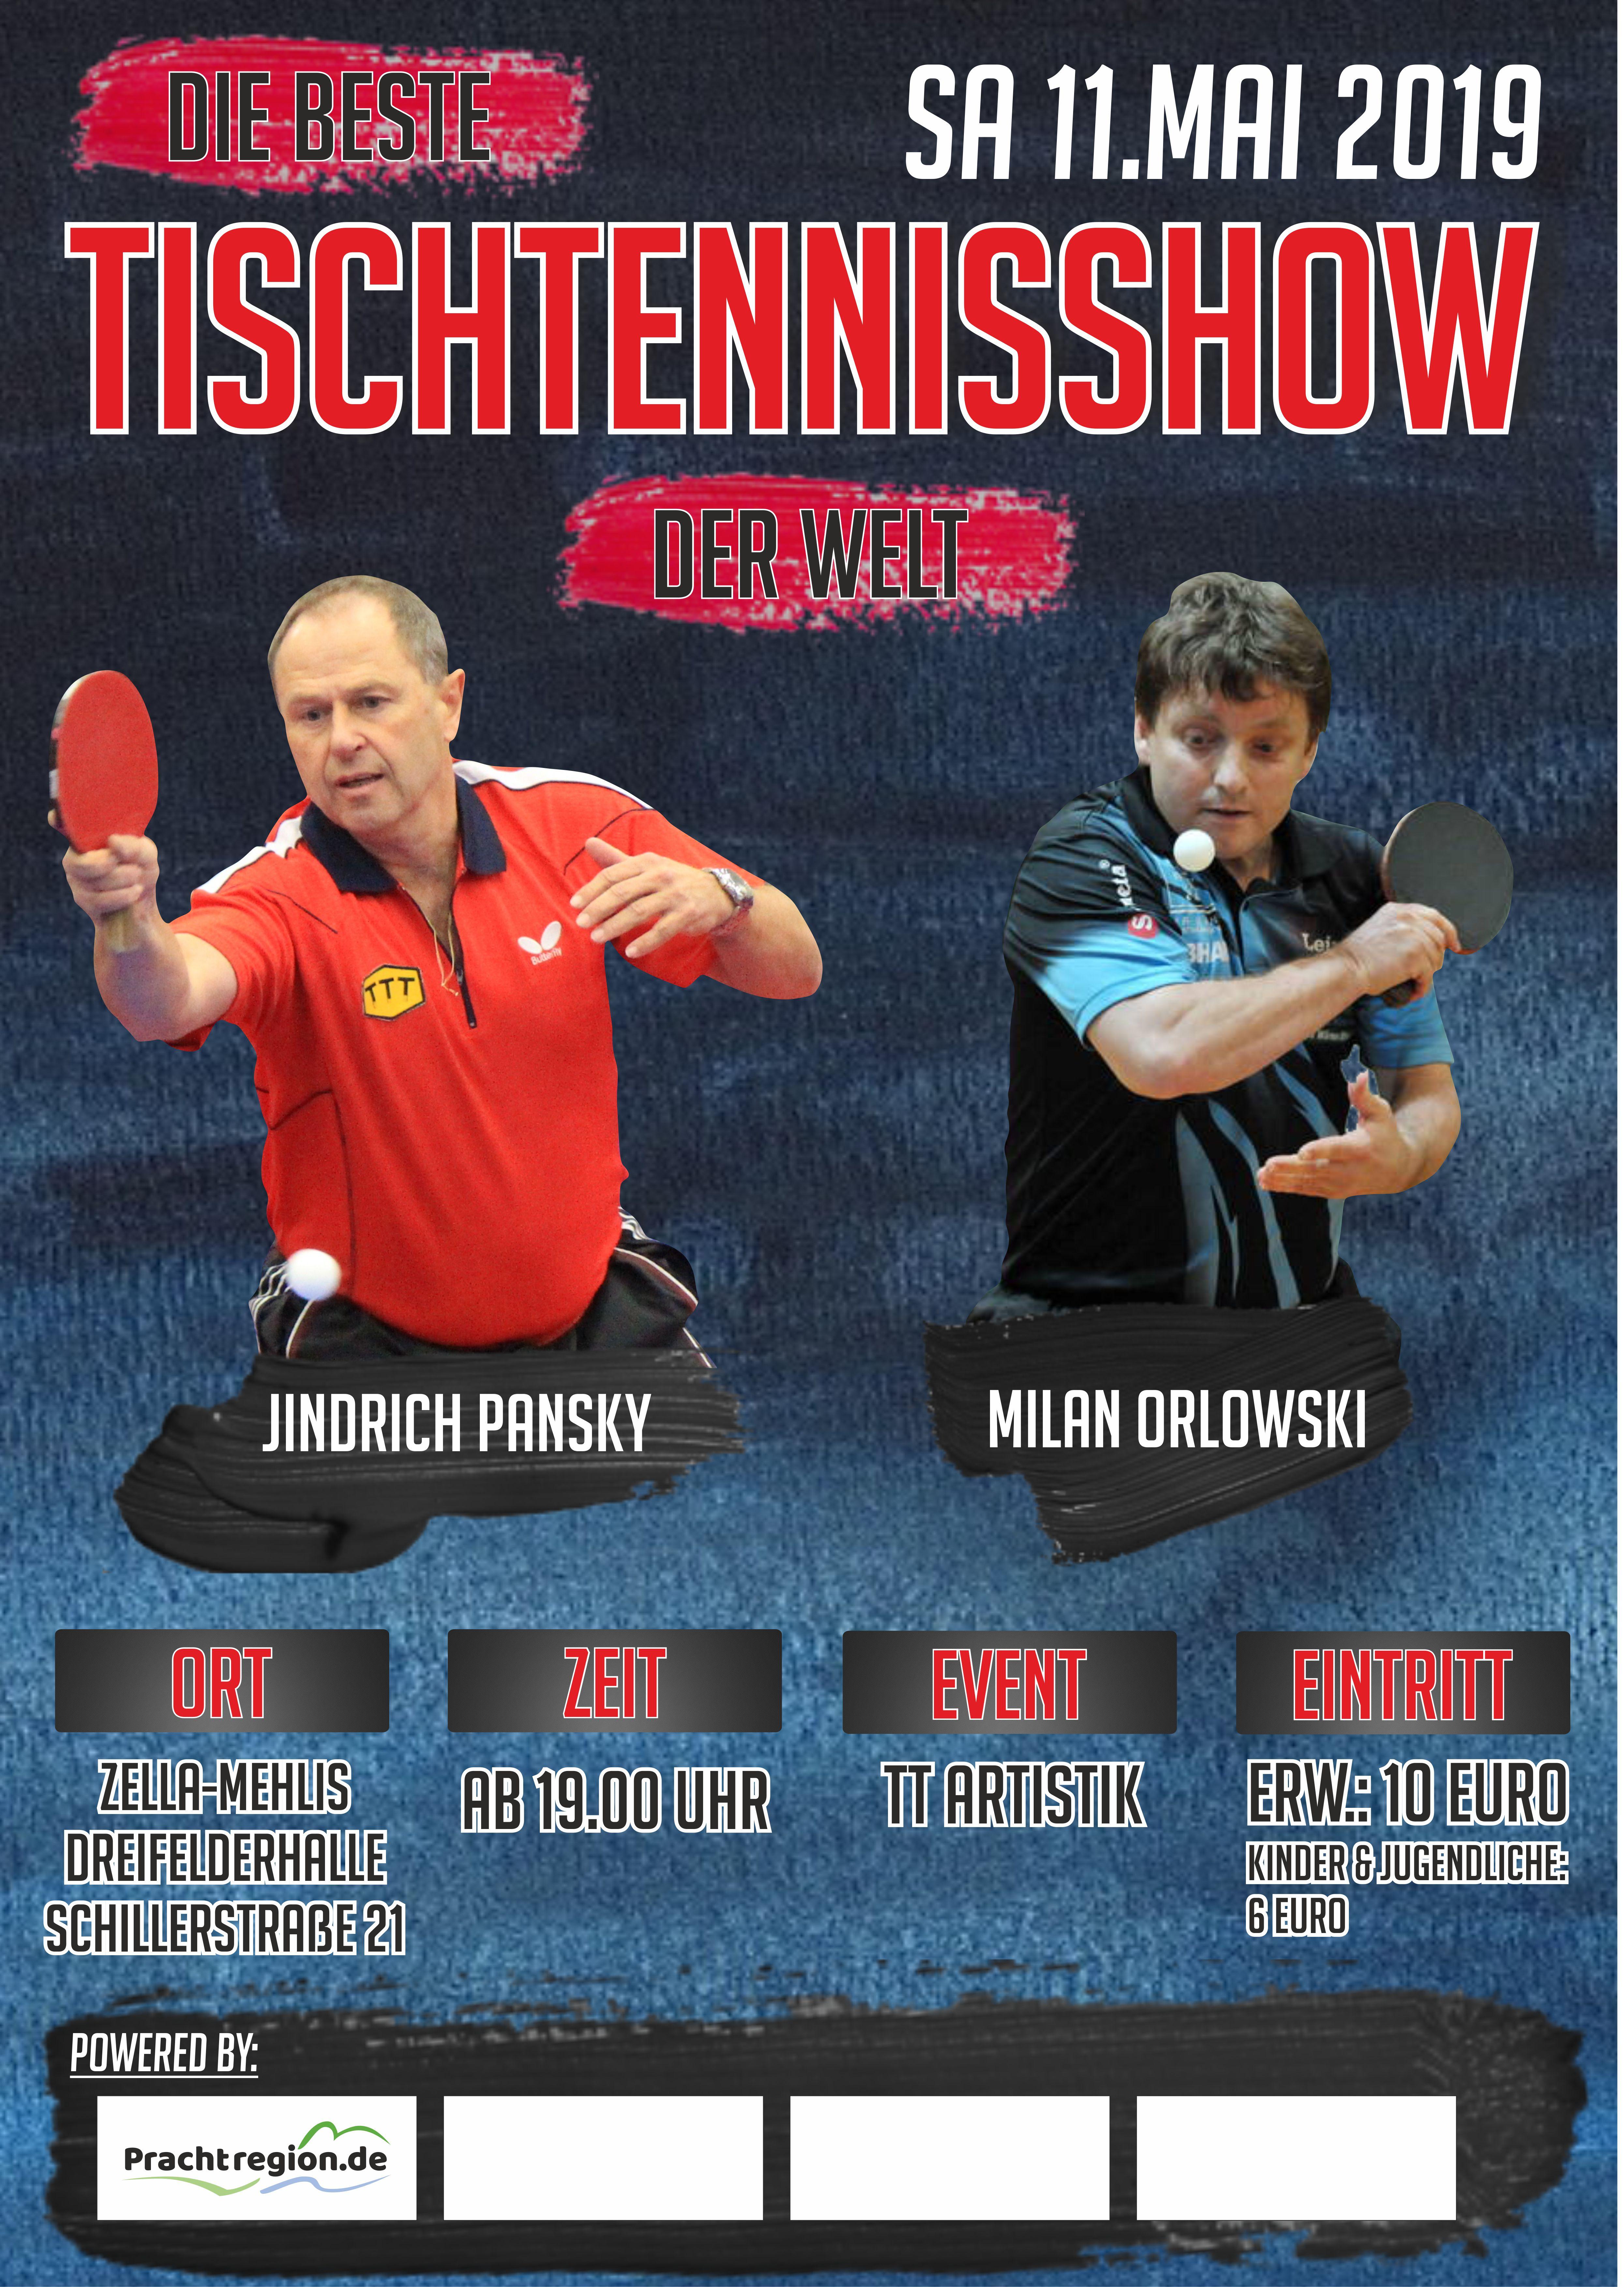 TSV Zella Mehlis Tichtennisshow Plakat 01 2019